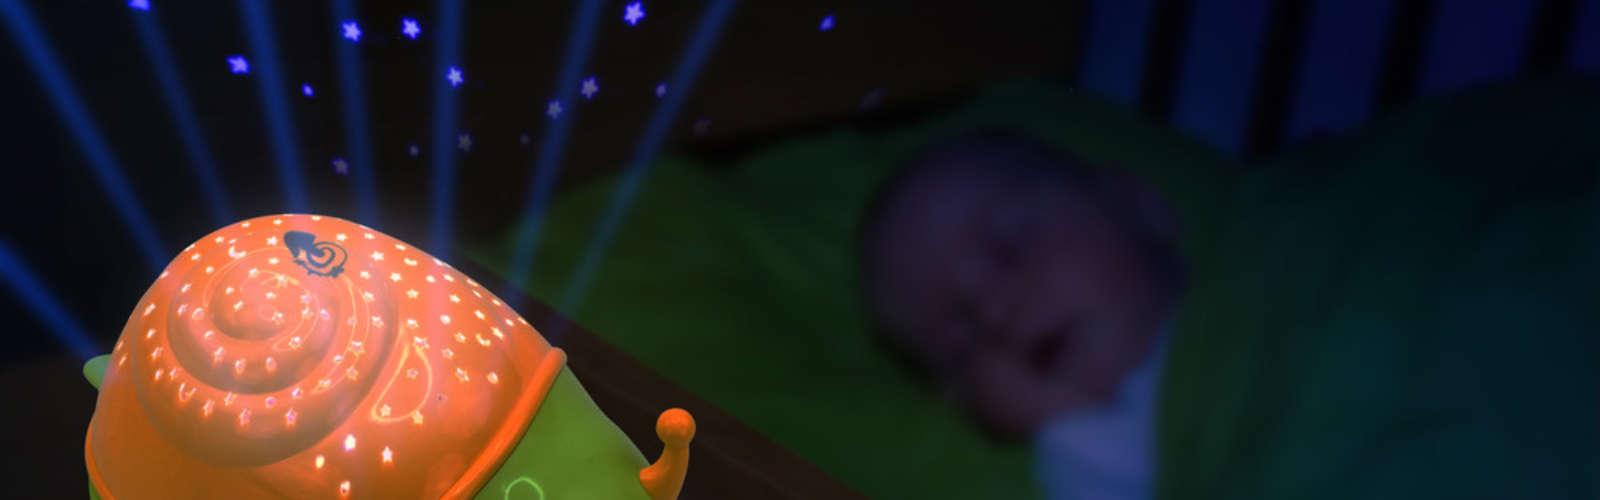 Sternenlicht Schnecke